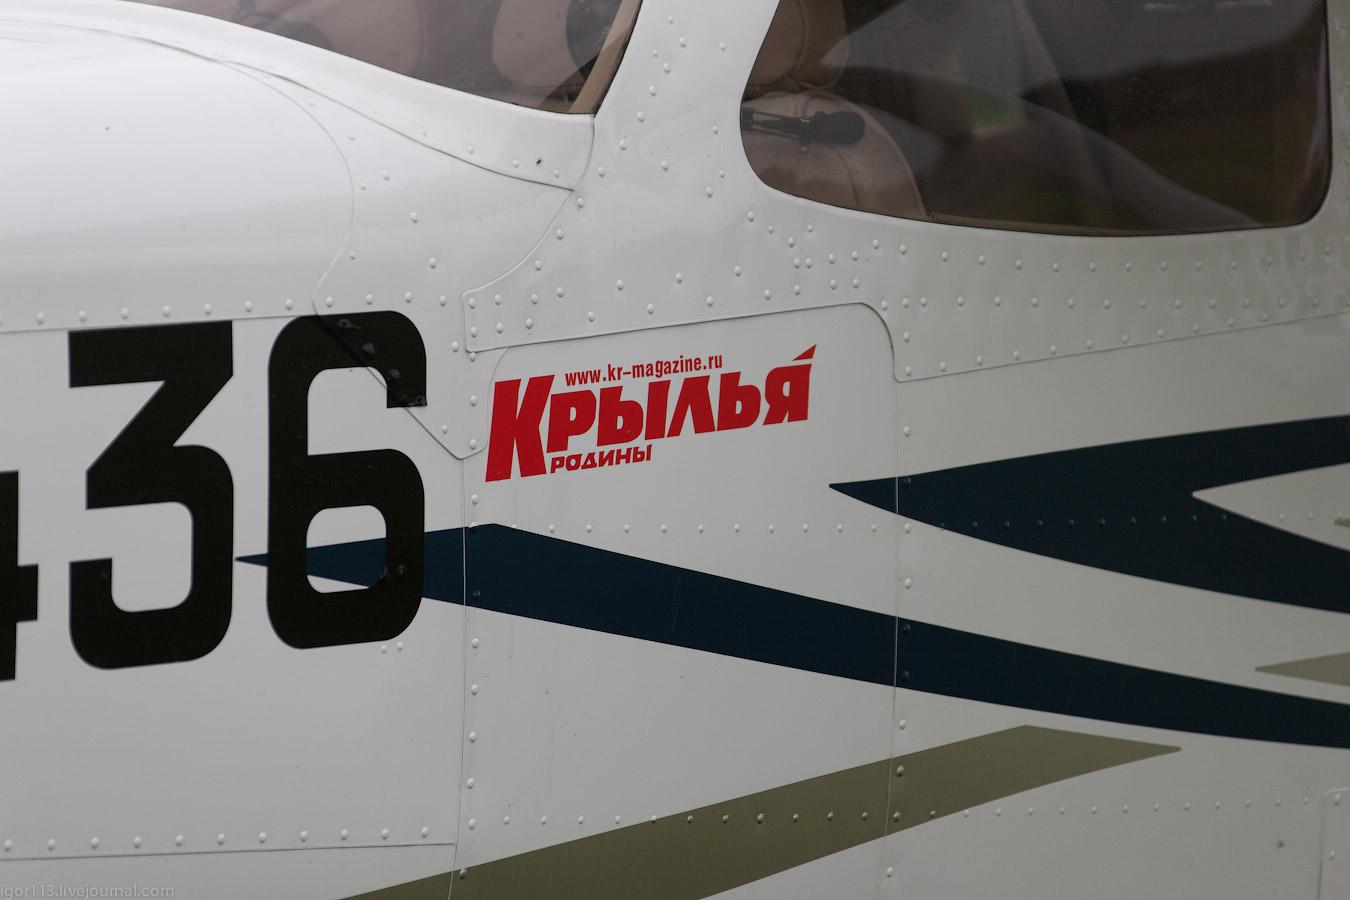 KIL_1263